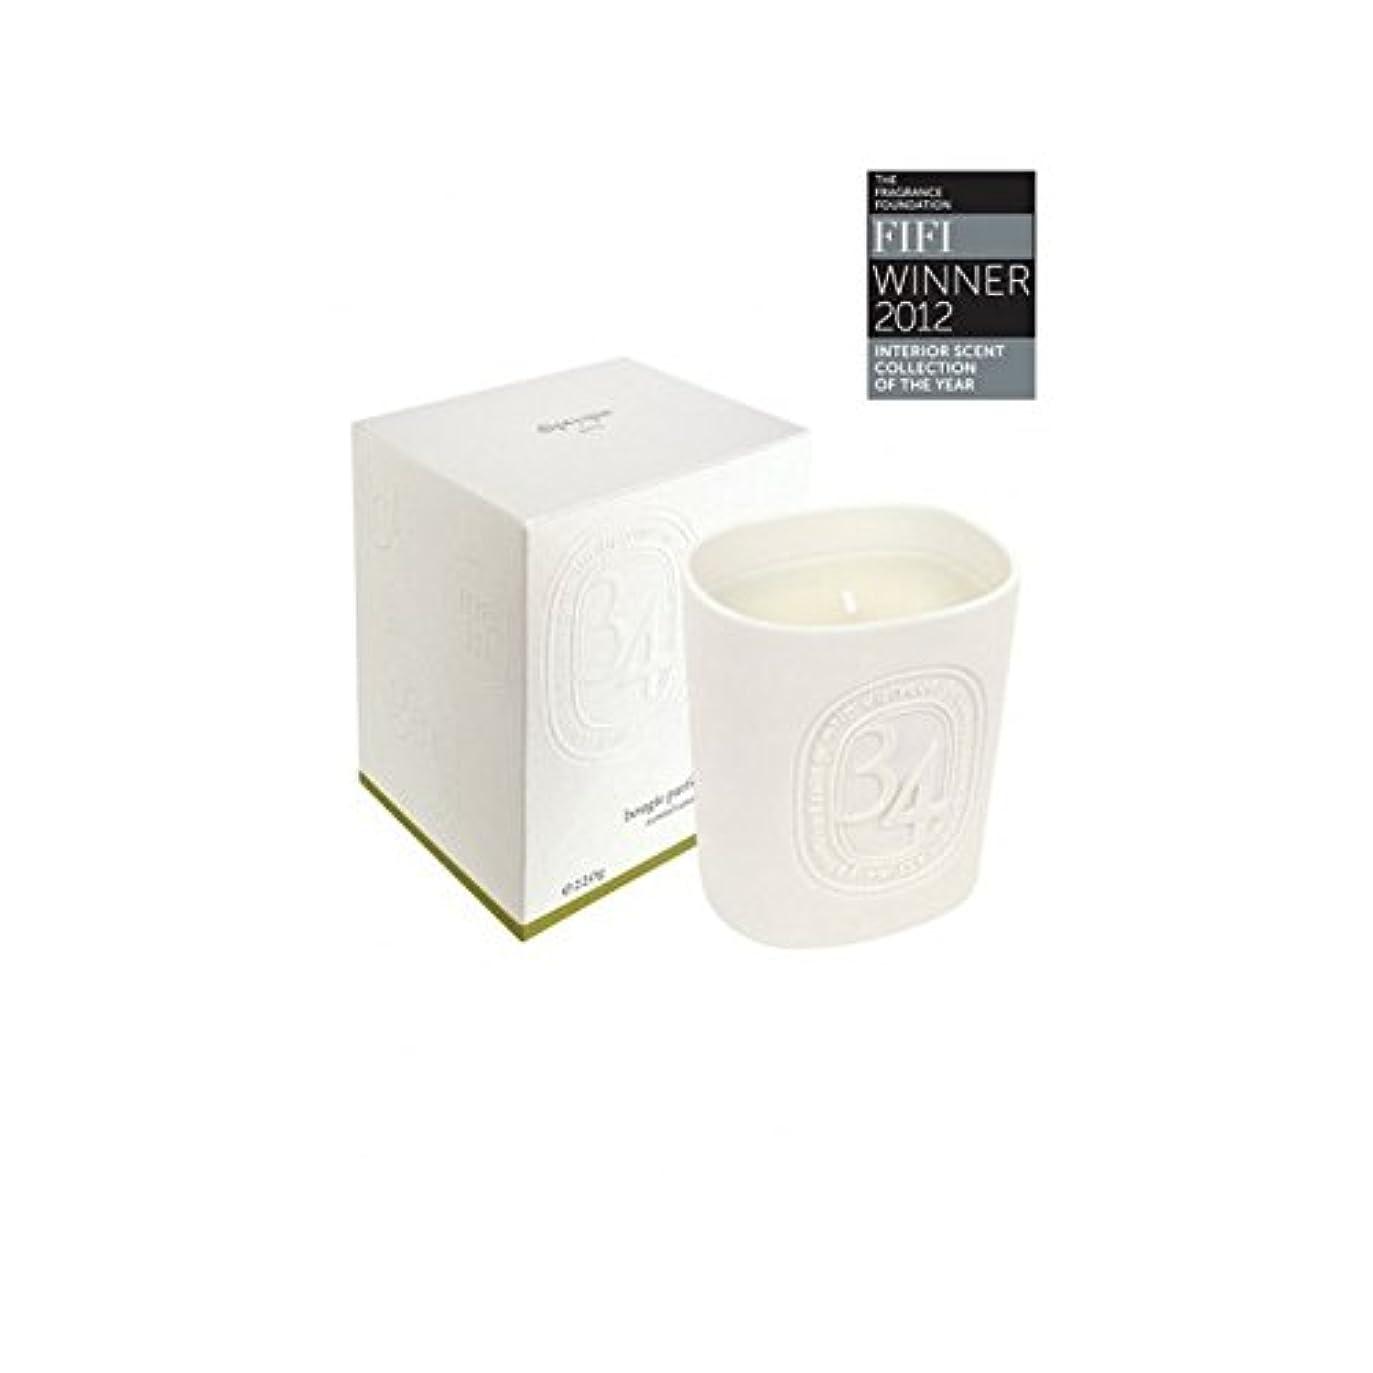 ヘルメット胃温かいDiptyque Collection 34 Boulevard Saint Germain Candle 220g (Pack of 2) - Diptyqueコレクション34大通りサンジェルマンキャンドル220グラム...